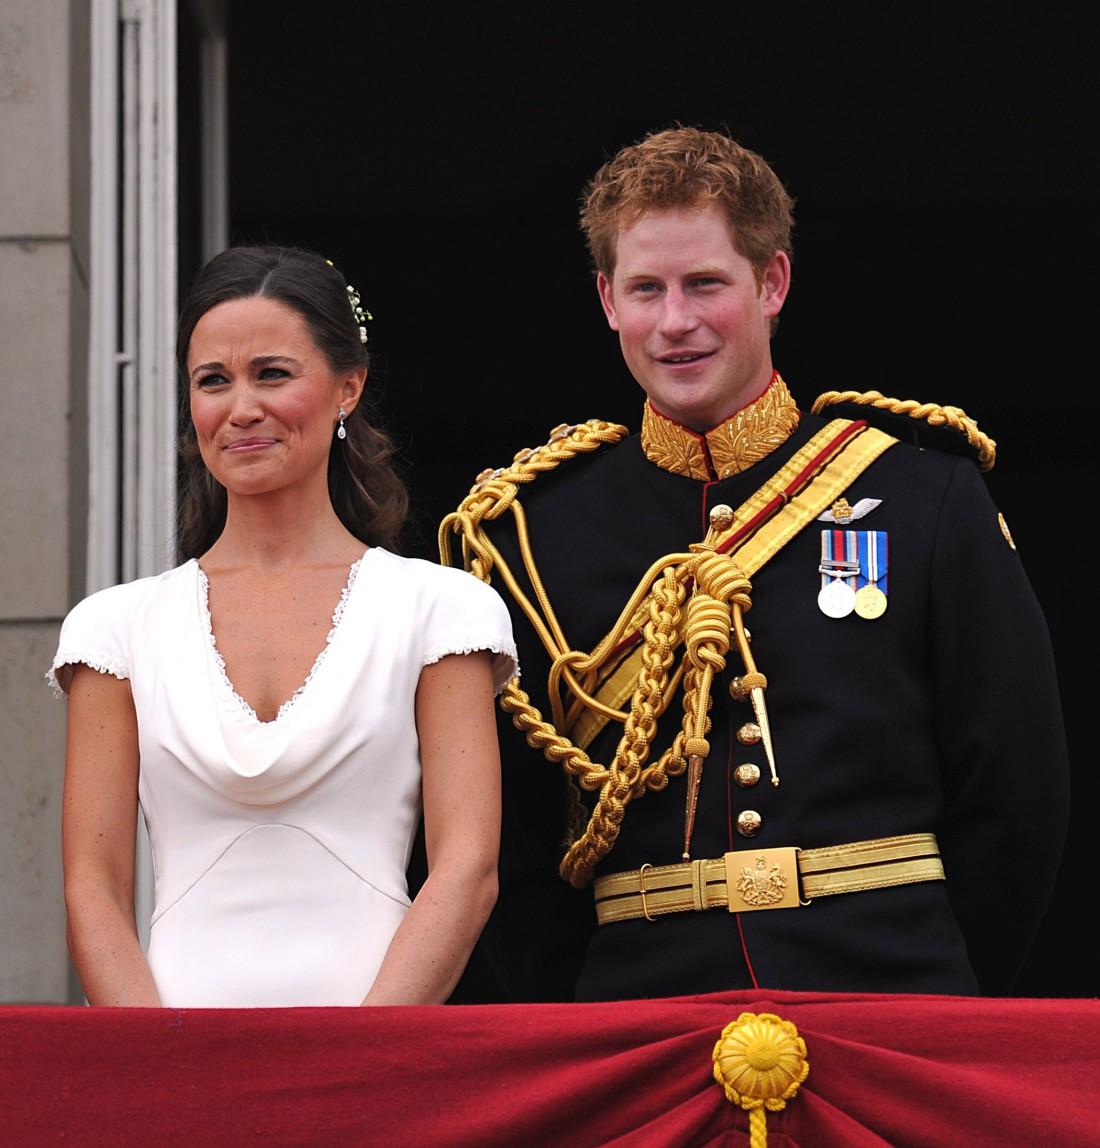 Пиппа и Гарри на свадьбе Кейт Миддлтон и принца Уильяма